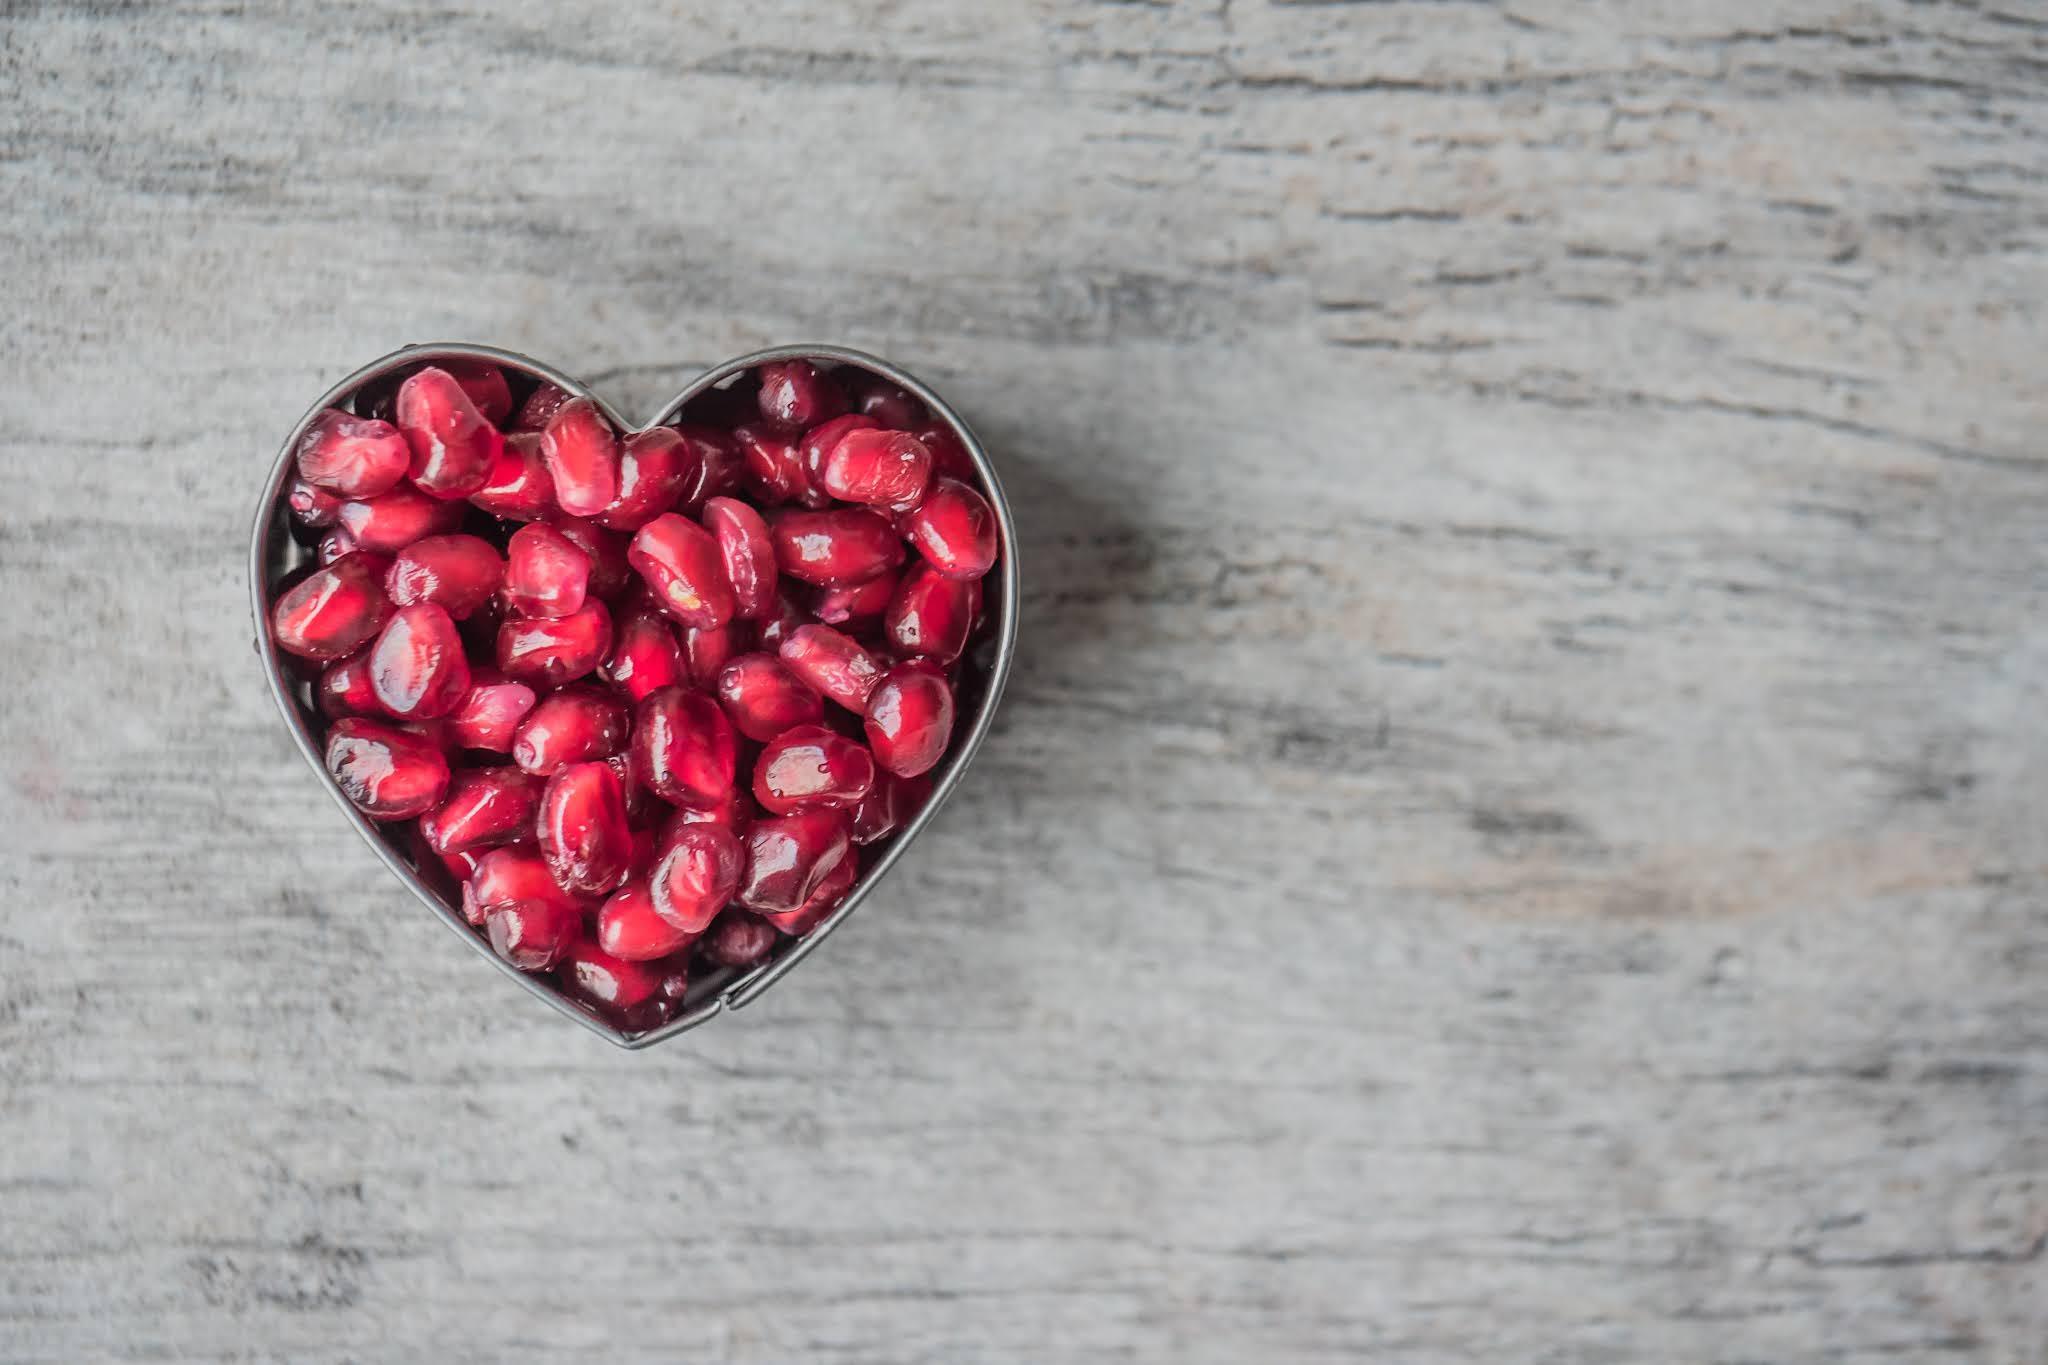 Heart Surgery Diet 3 Days